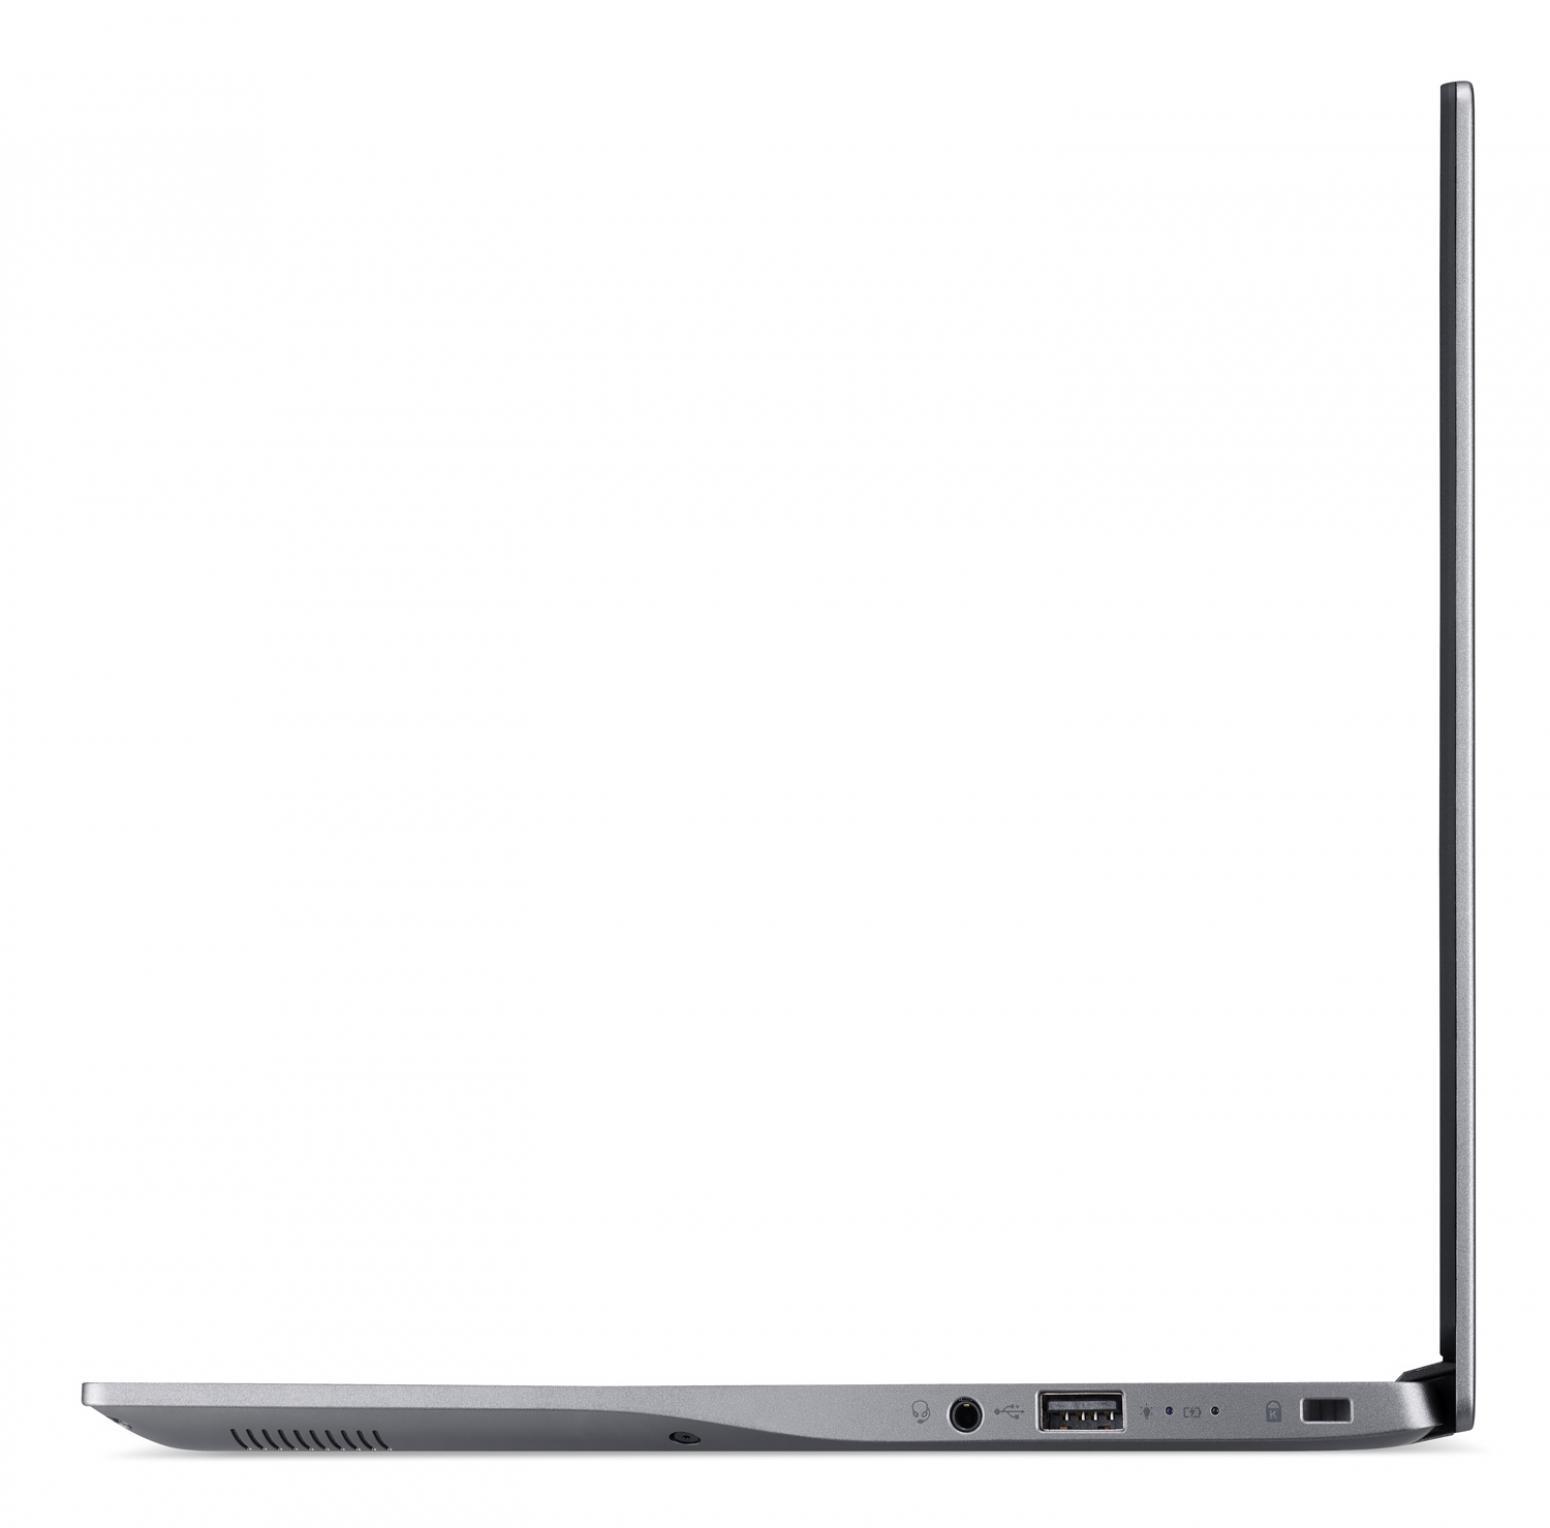 Ordinateur portable Acer Swift 3 SF314-57-72VT Gris - photo 7